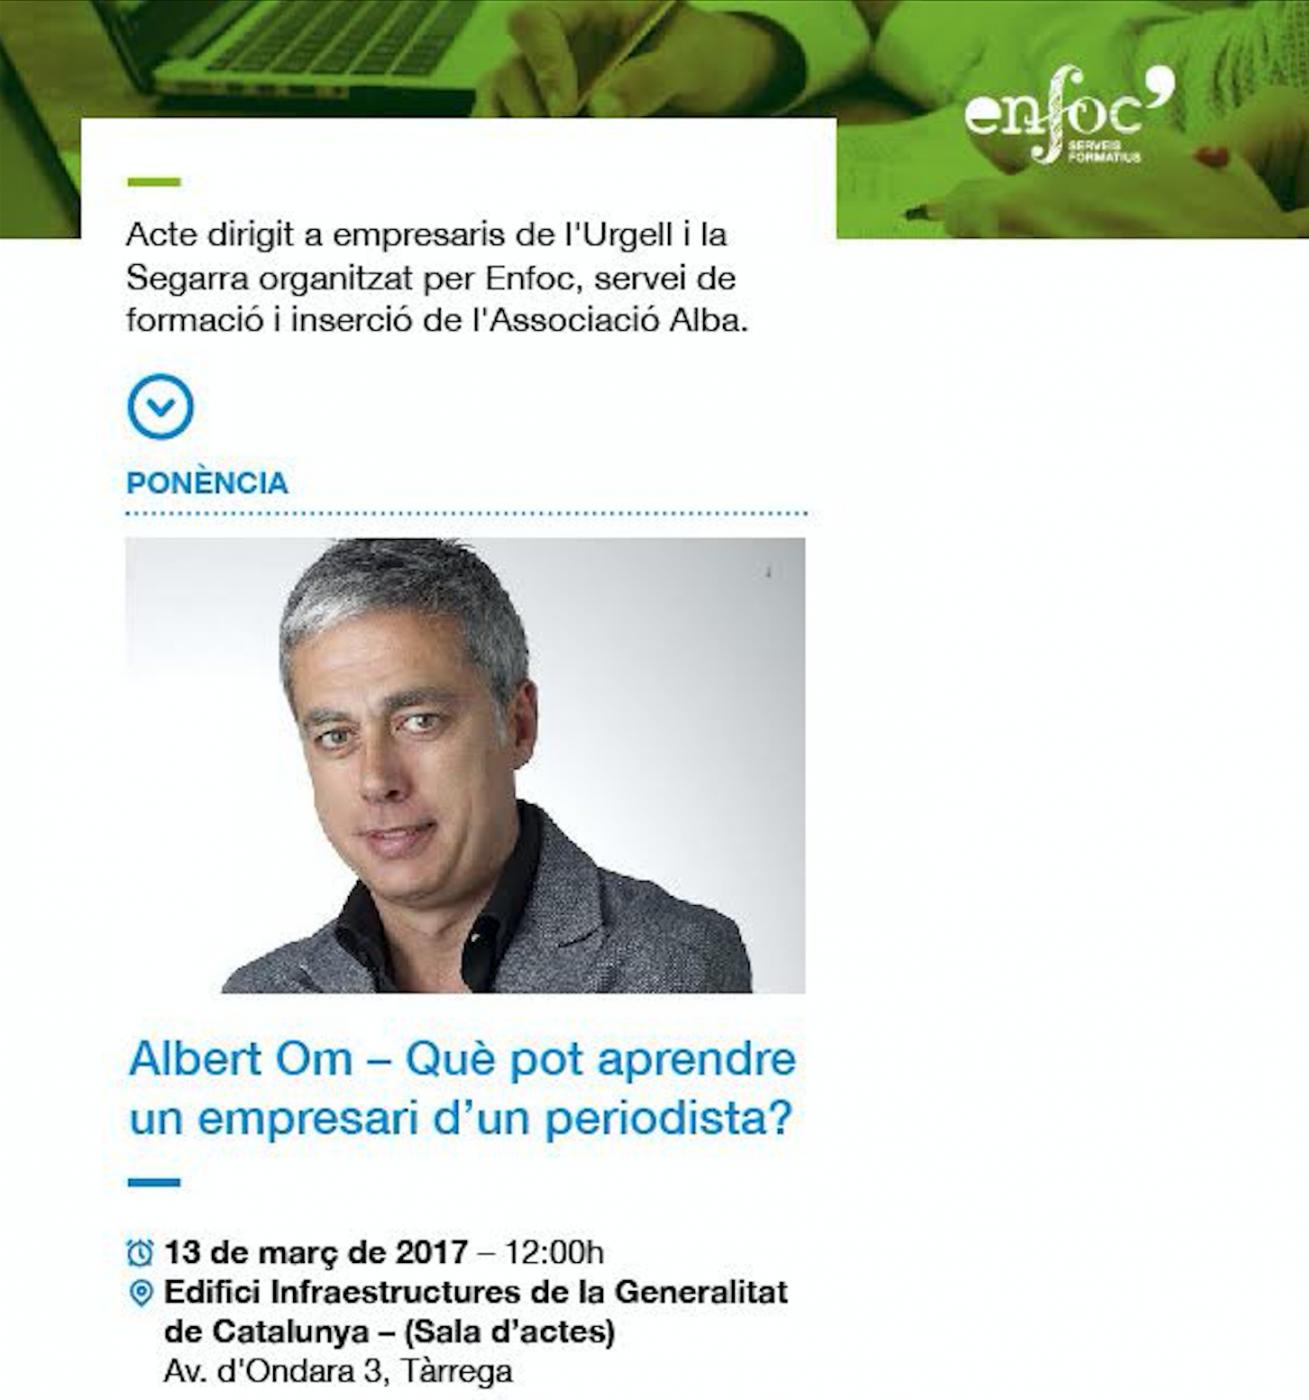 El periodista Albert Om, oferirà una xerrada a la Trobada d'Empresaris de l'Urgell i la Segarra que organitza Enfoc, serveis de formació i inserció de l'Associació Alba